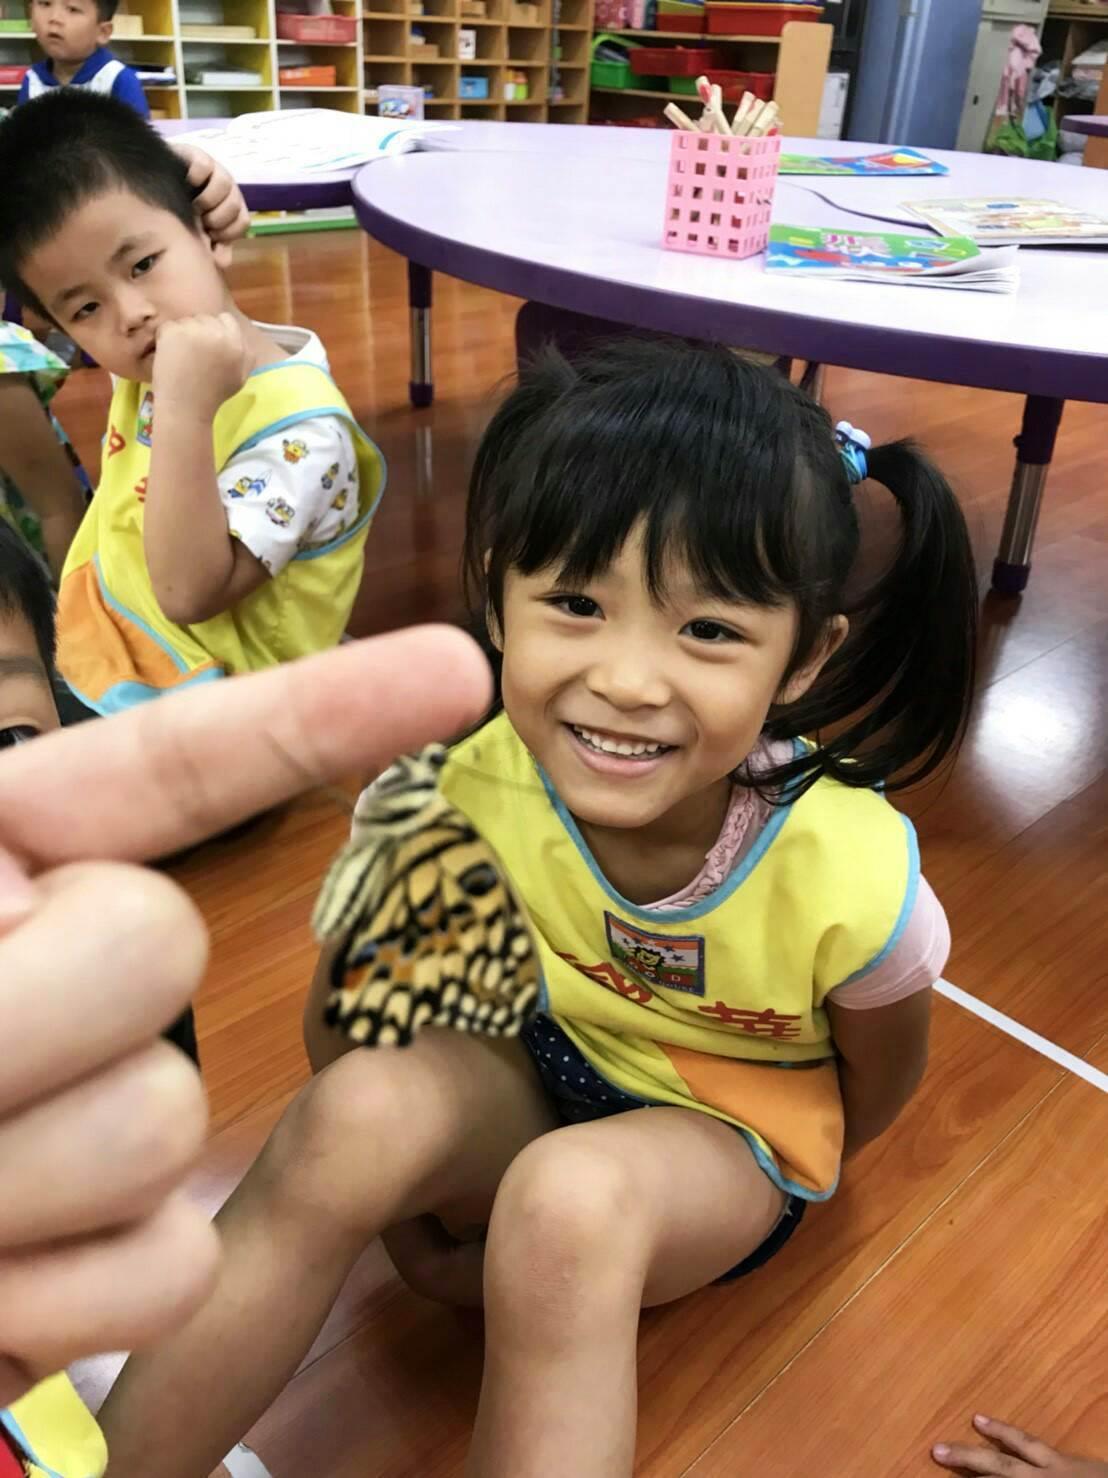 興華國小附幼課程中讓學生近距離觀察蝴蝶。圖/興華國小提供